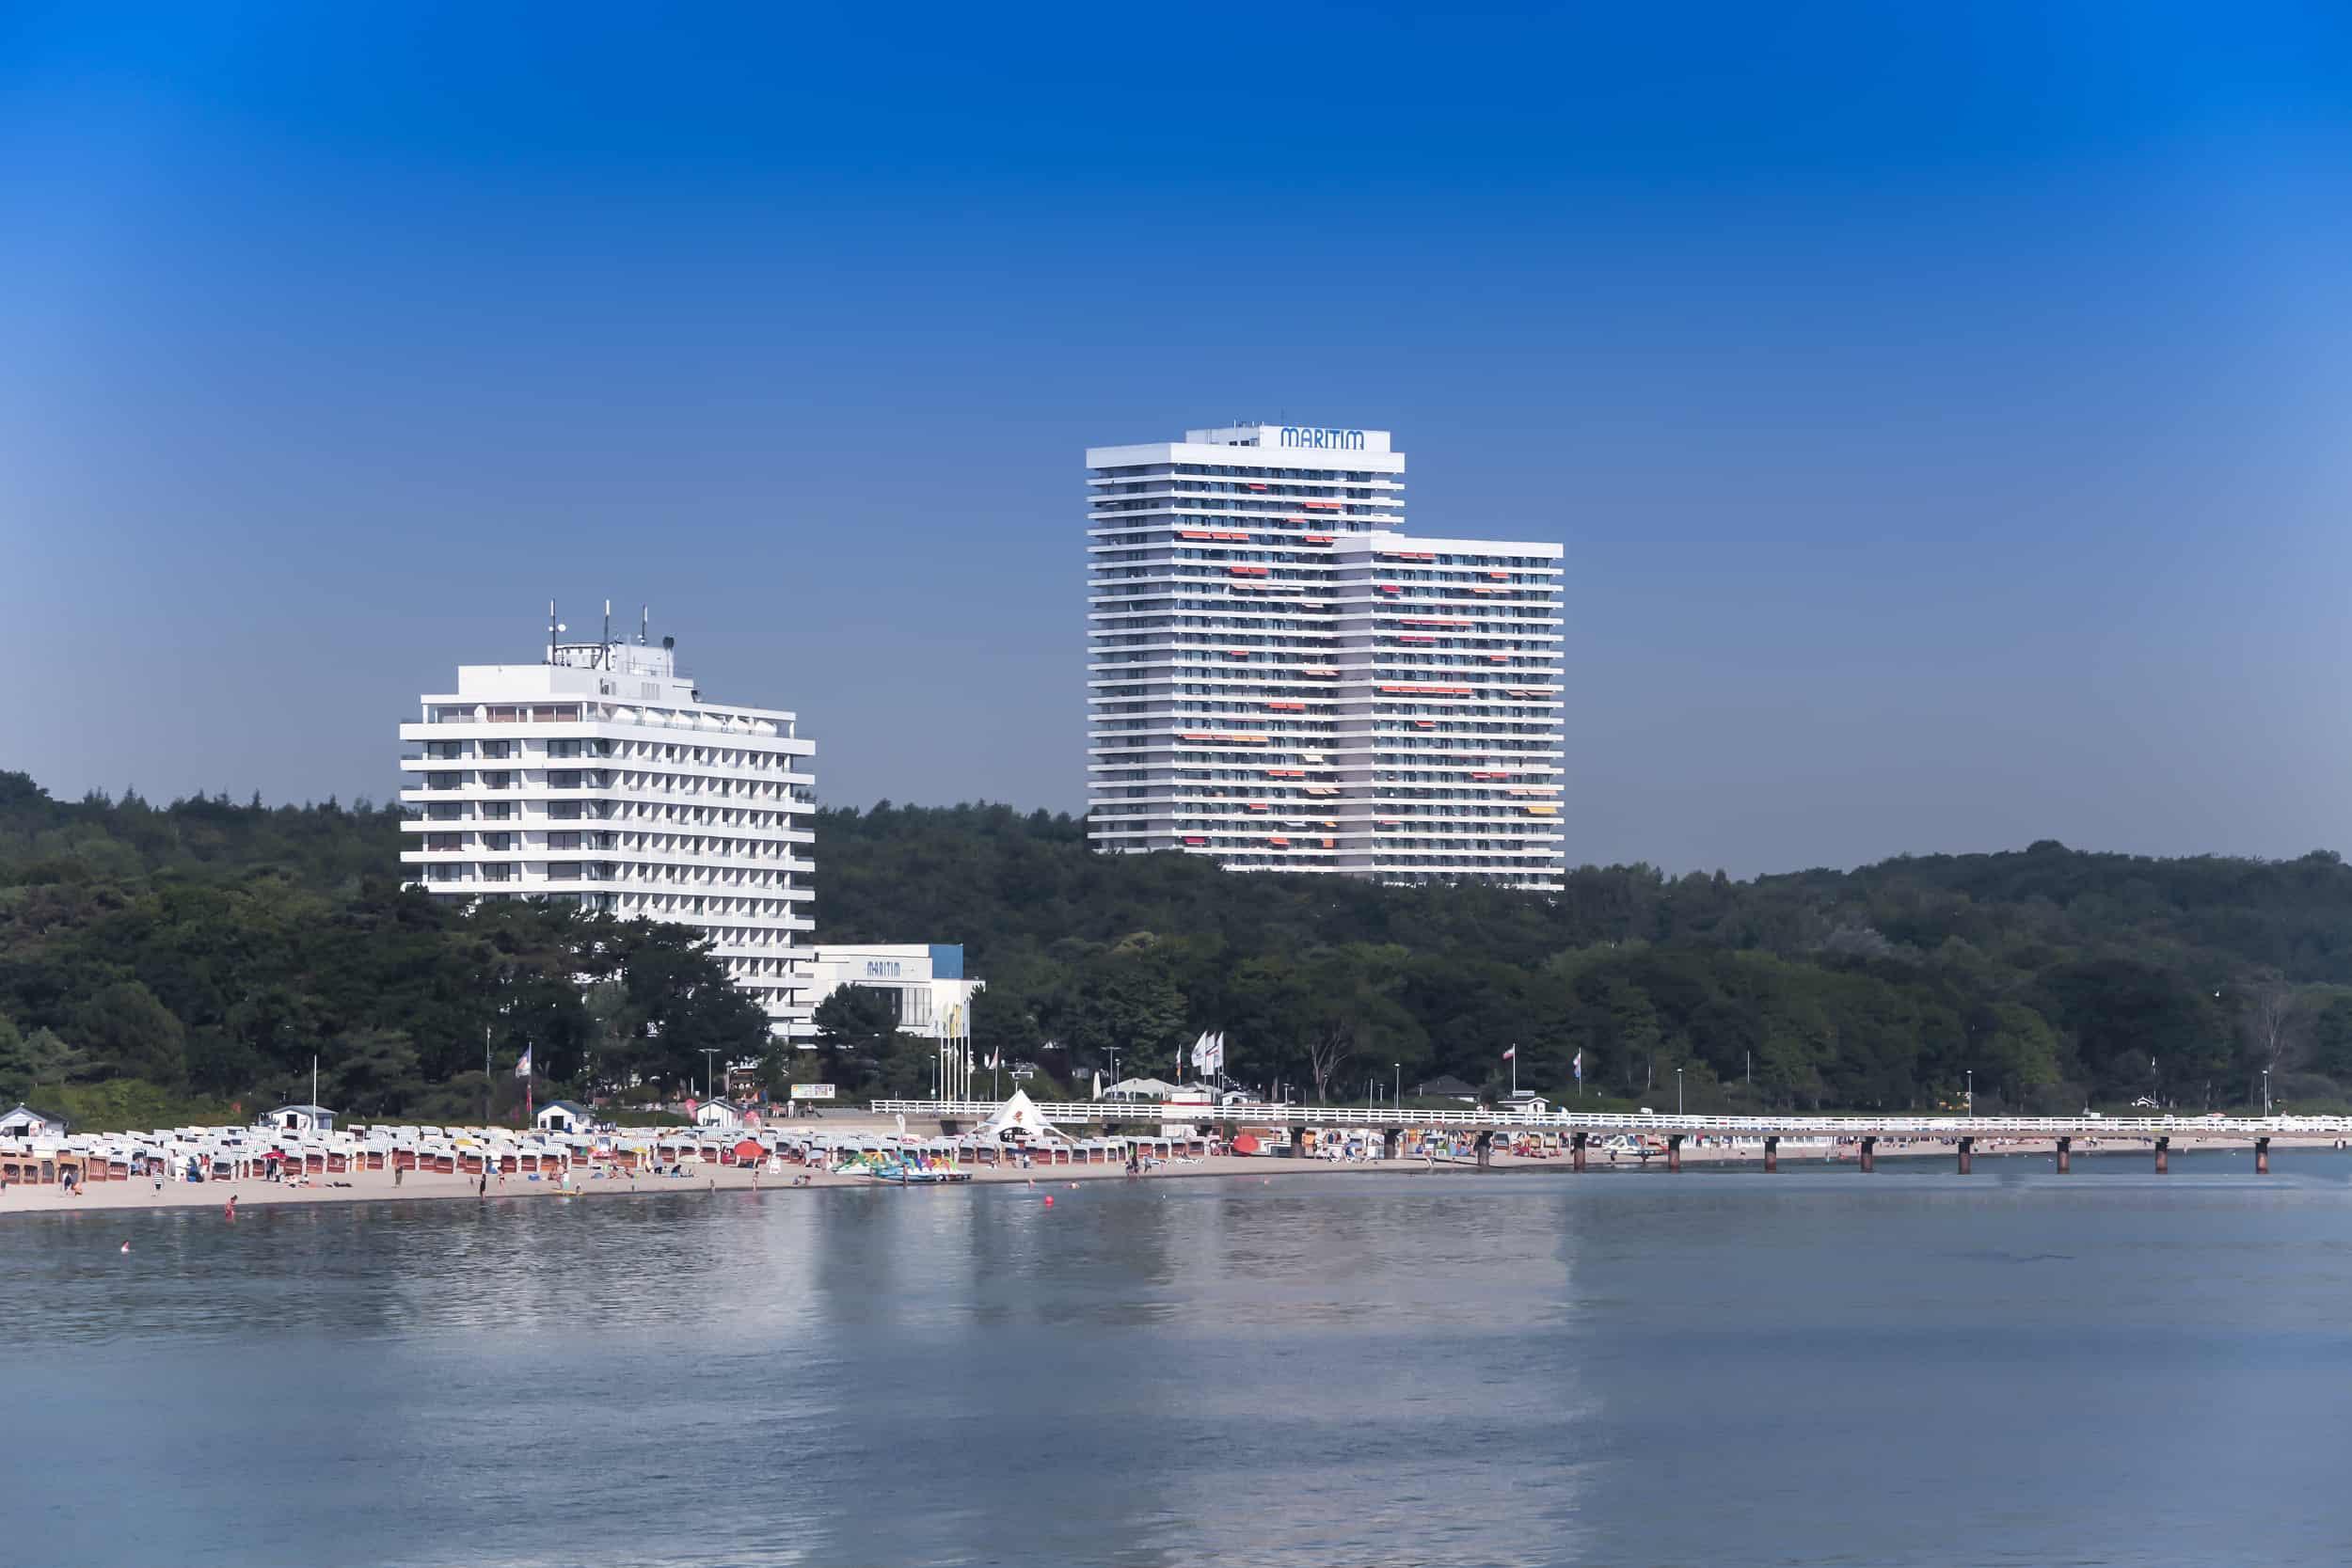 Maritim Hotel in Timmendorfer Strand